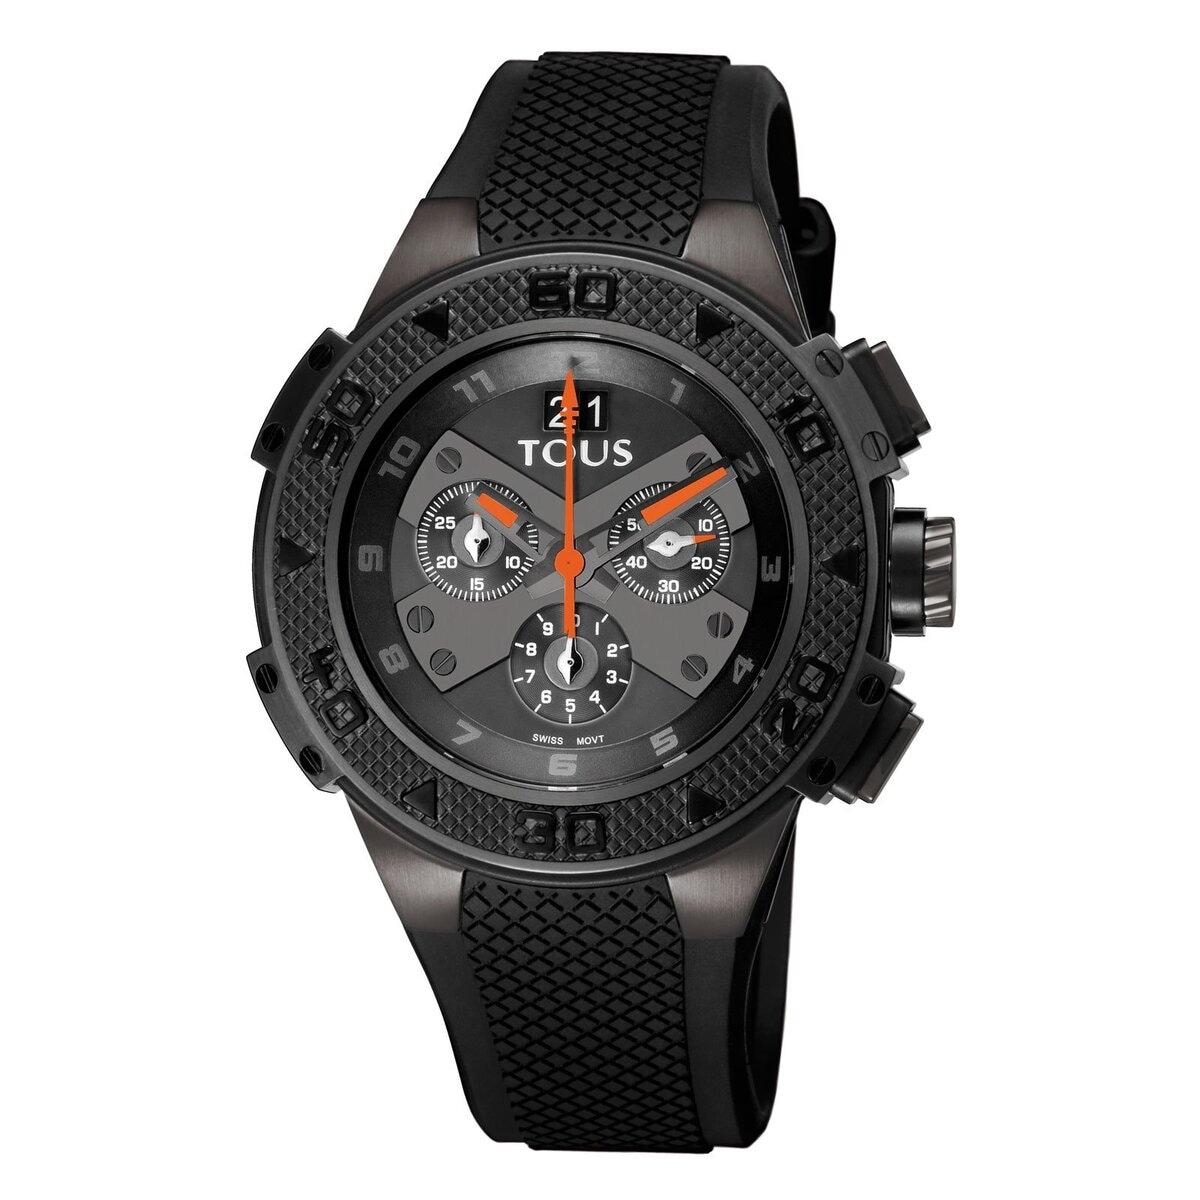 Relógio Xtous bicolor em Aço/IP preto com correia de Silicone preta